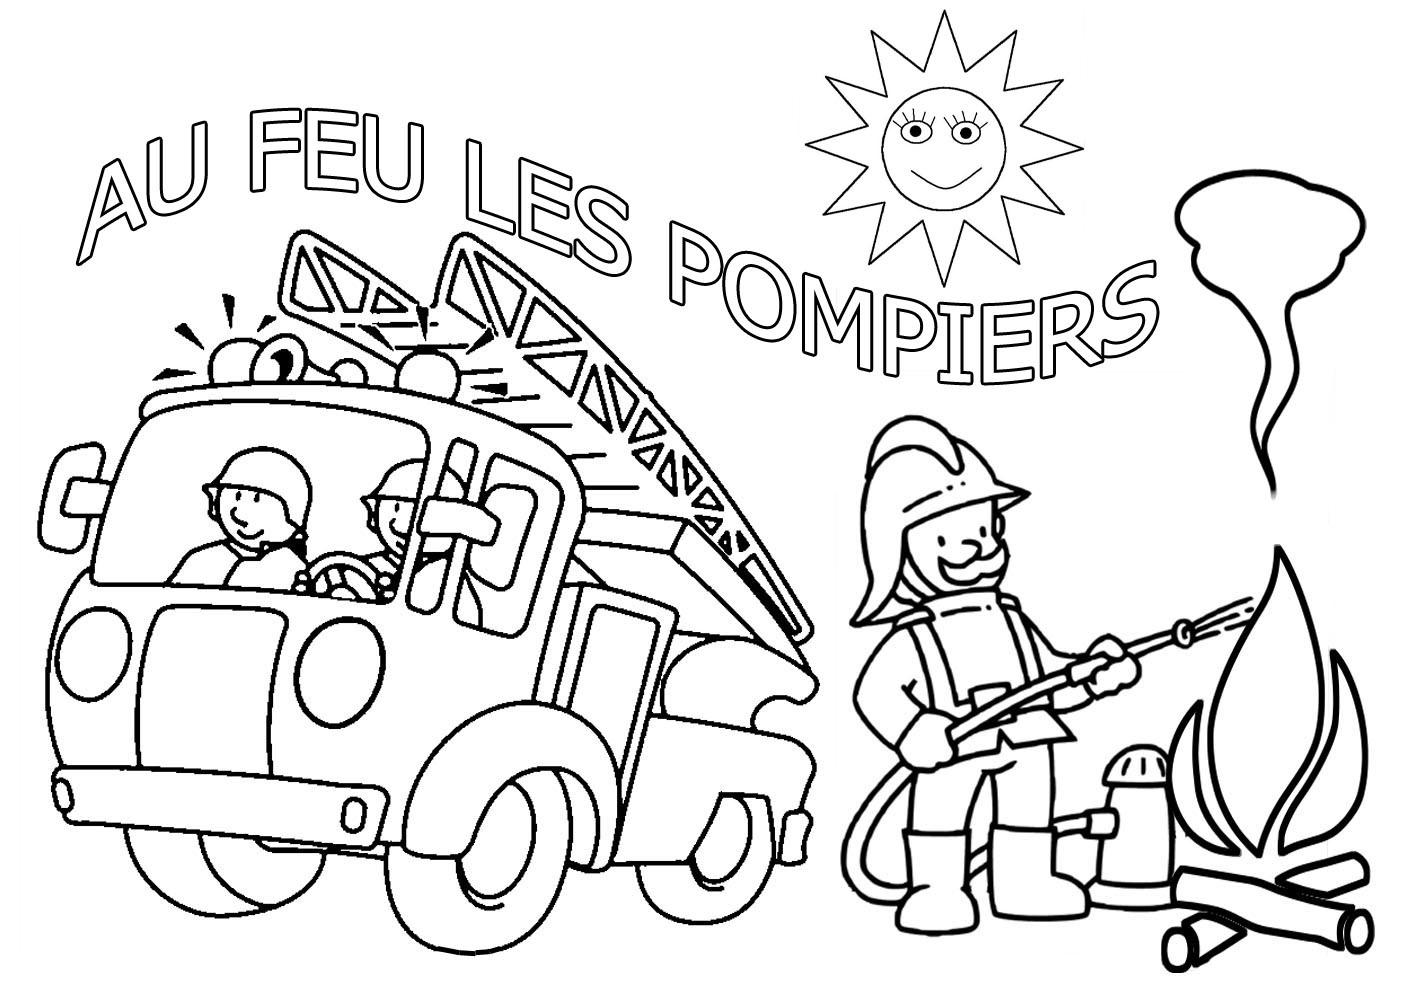 Dessins Gratuits À Colorier - Coloriage Pompier À Imprimer destiné Coloriage Camion De Pompier Gratuit À Imprimer